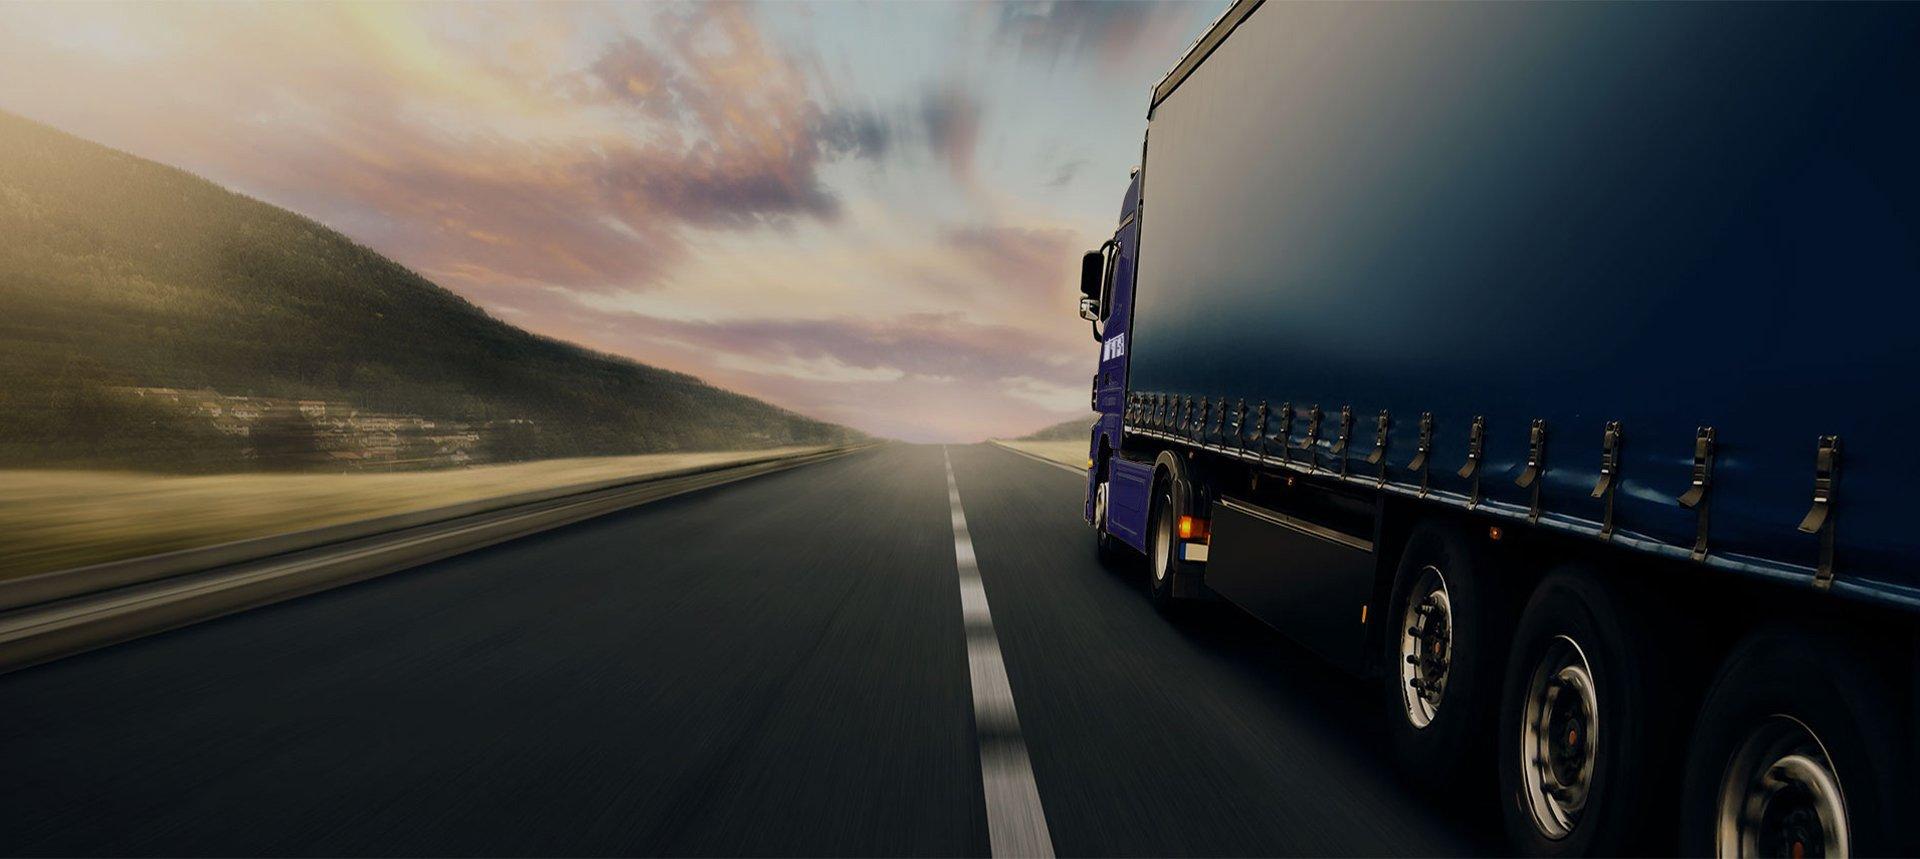 Butransa, transporte de cargas convencionales